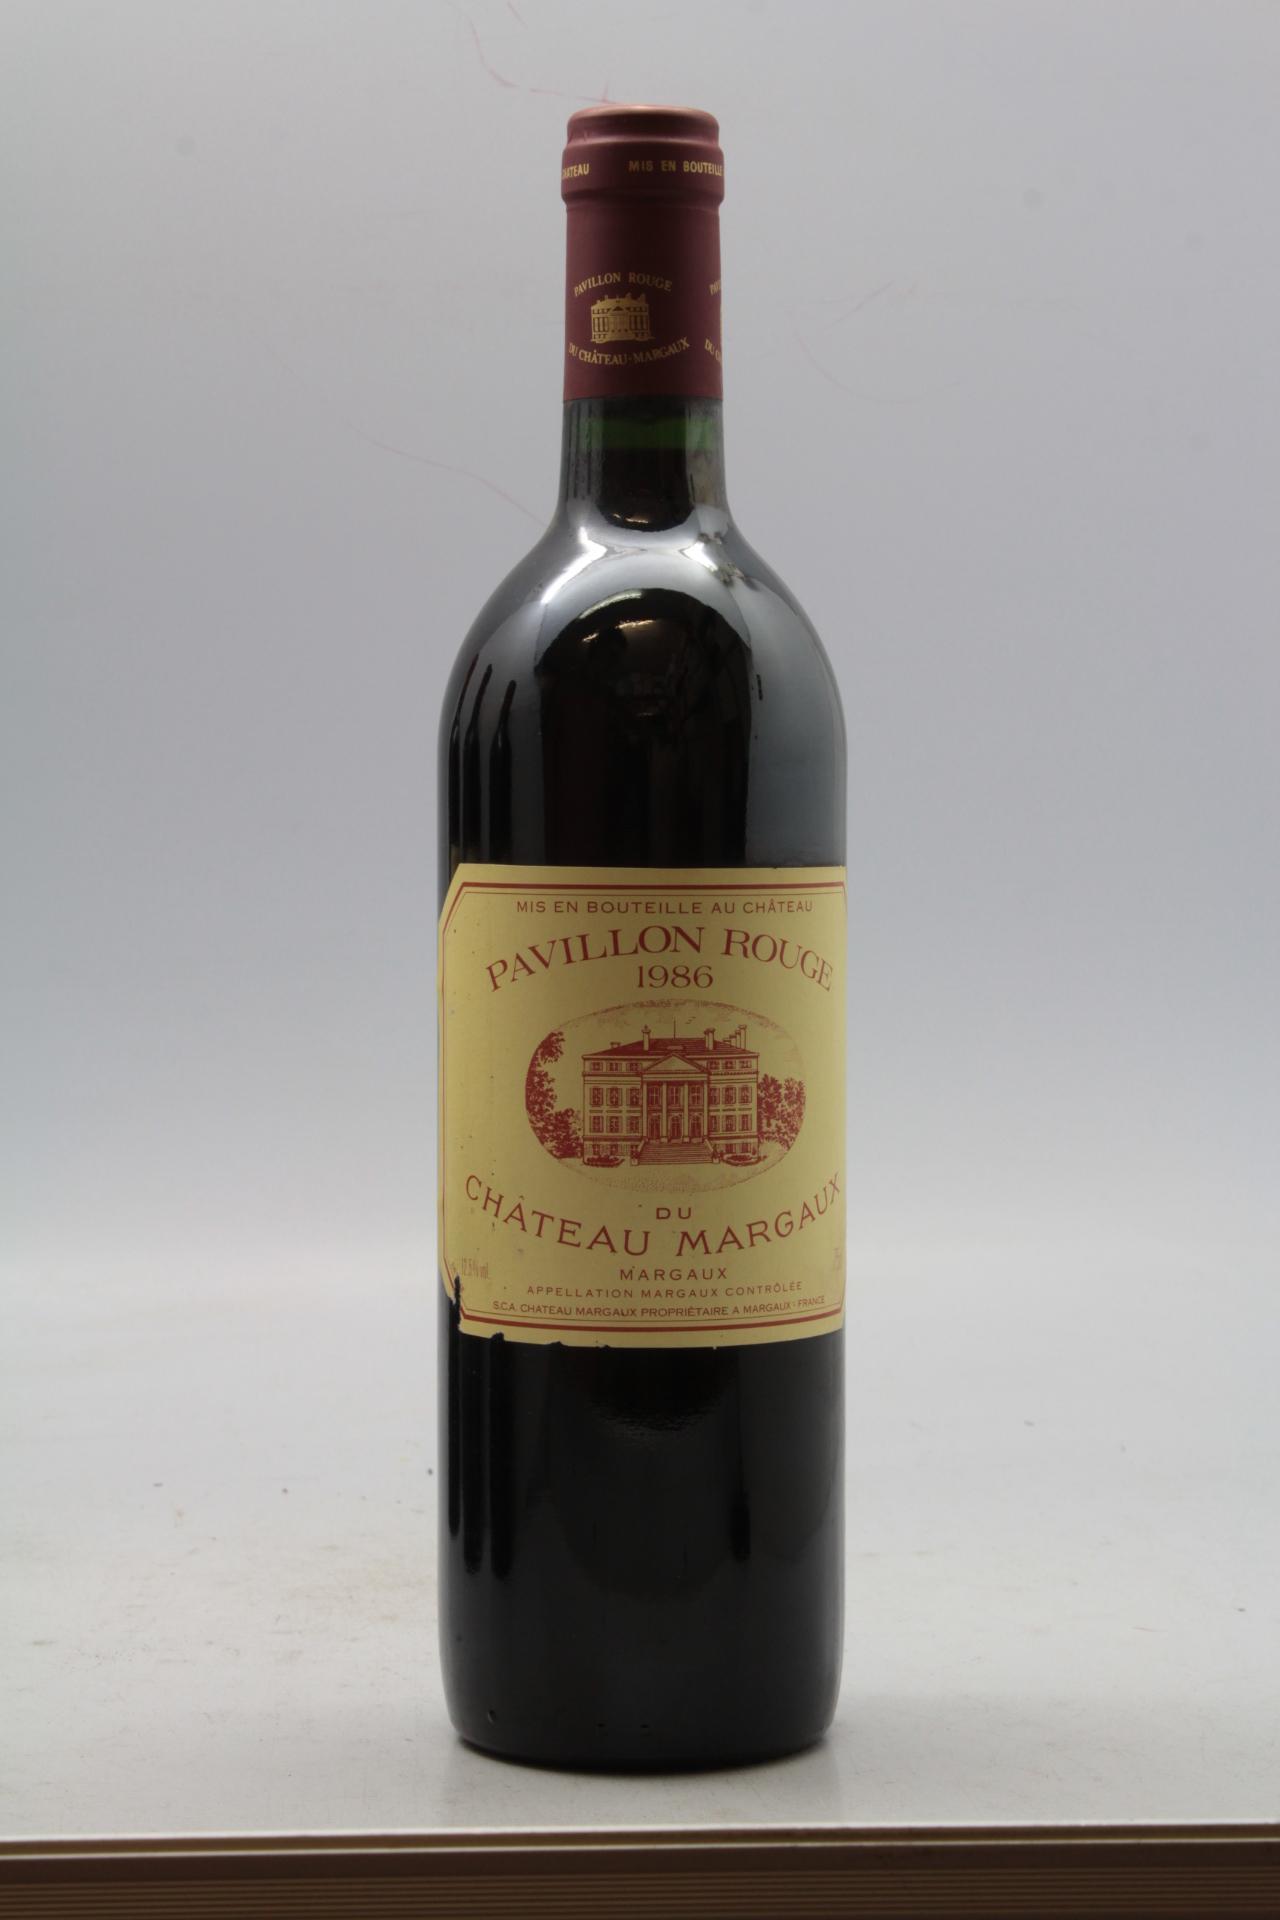 Le Jardin Des Provinces Pessac Élégant Pavillon Rouge 1986 Discount Vins & Millesimes